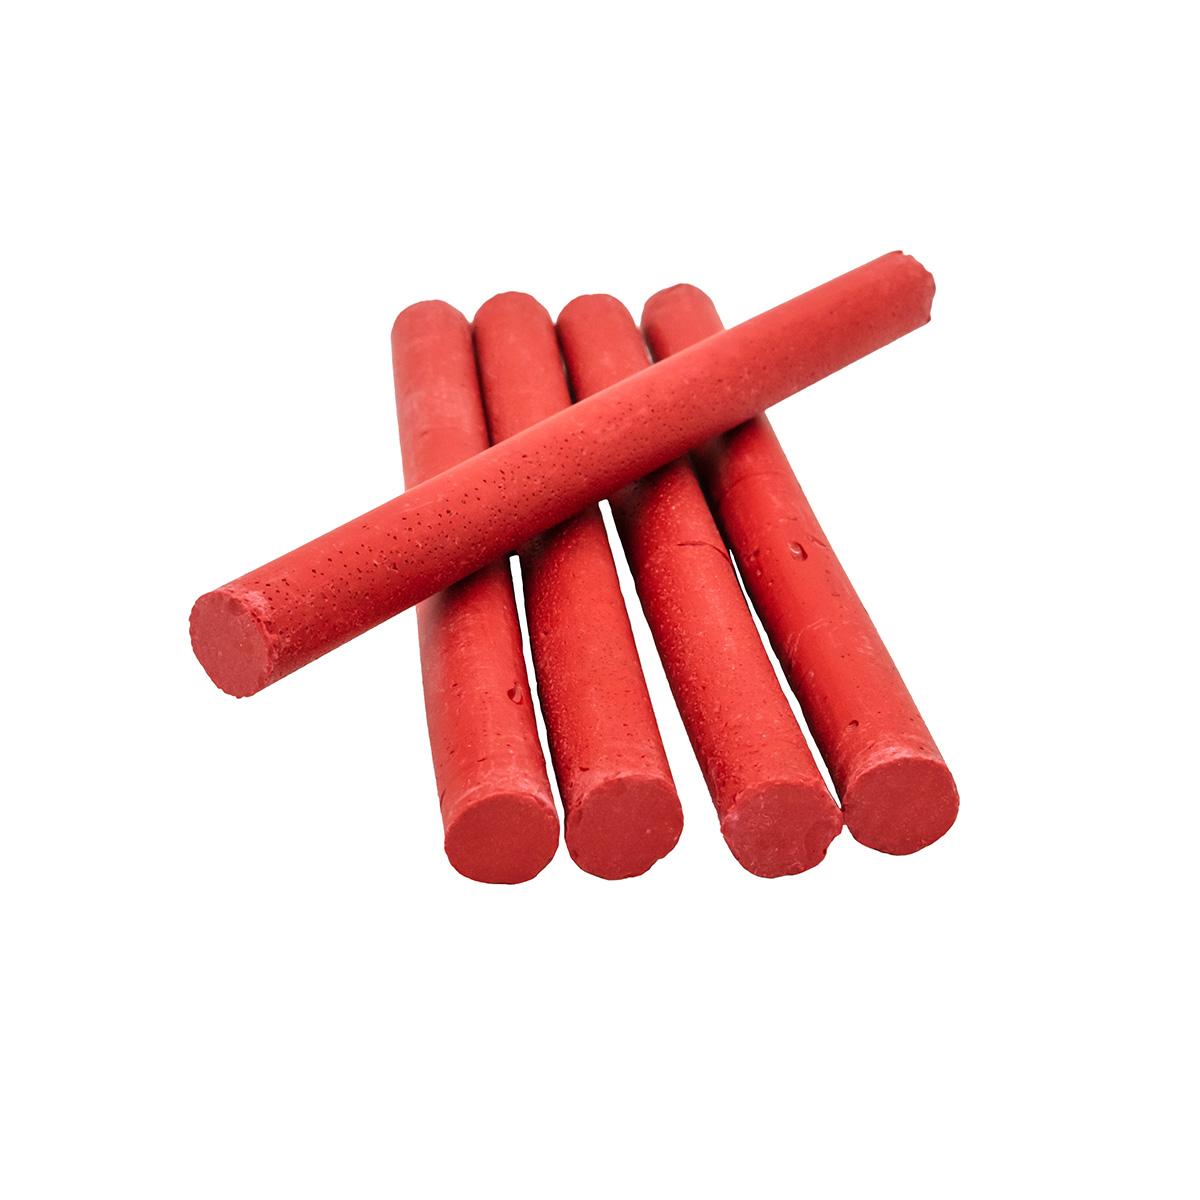 Сургуч в стержнях красный для клеевого пистолета, 5шт/упак Астра